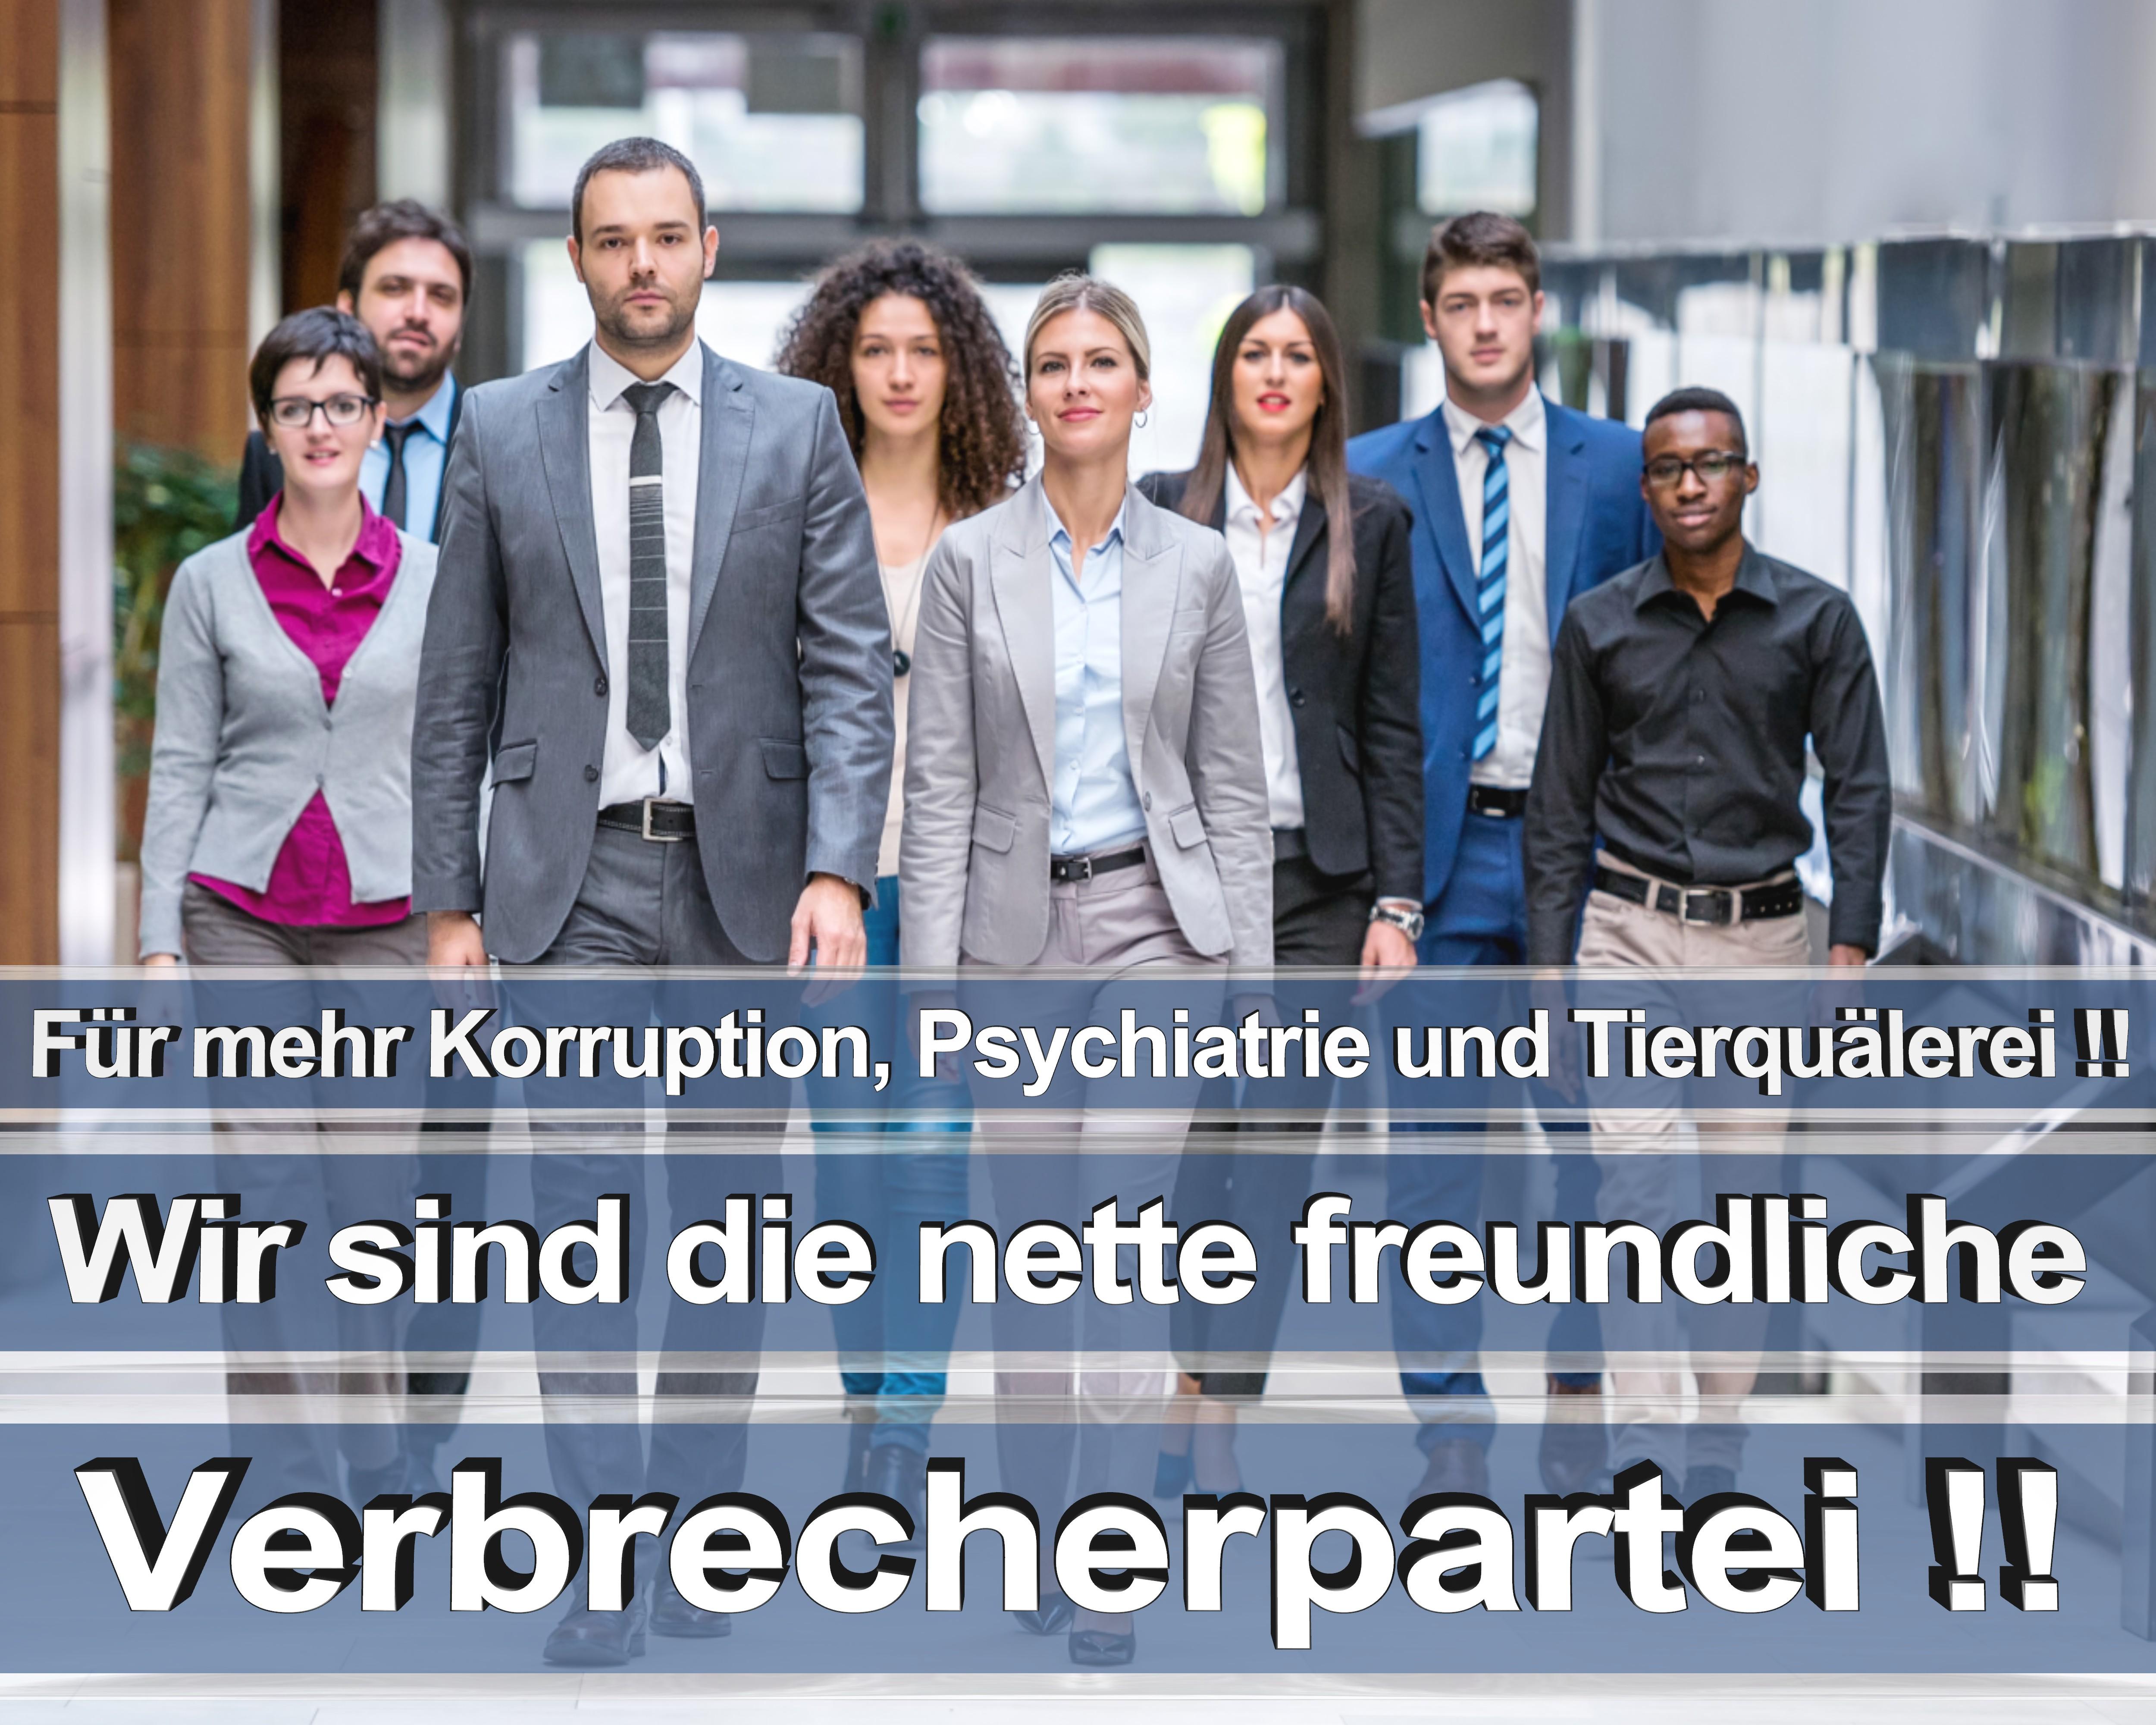 Bundestagswahl 2017 wahlplakate cdu spd angela merkel frauke petry afd rtl zdf ard arte (5)